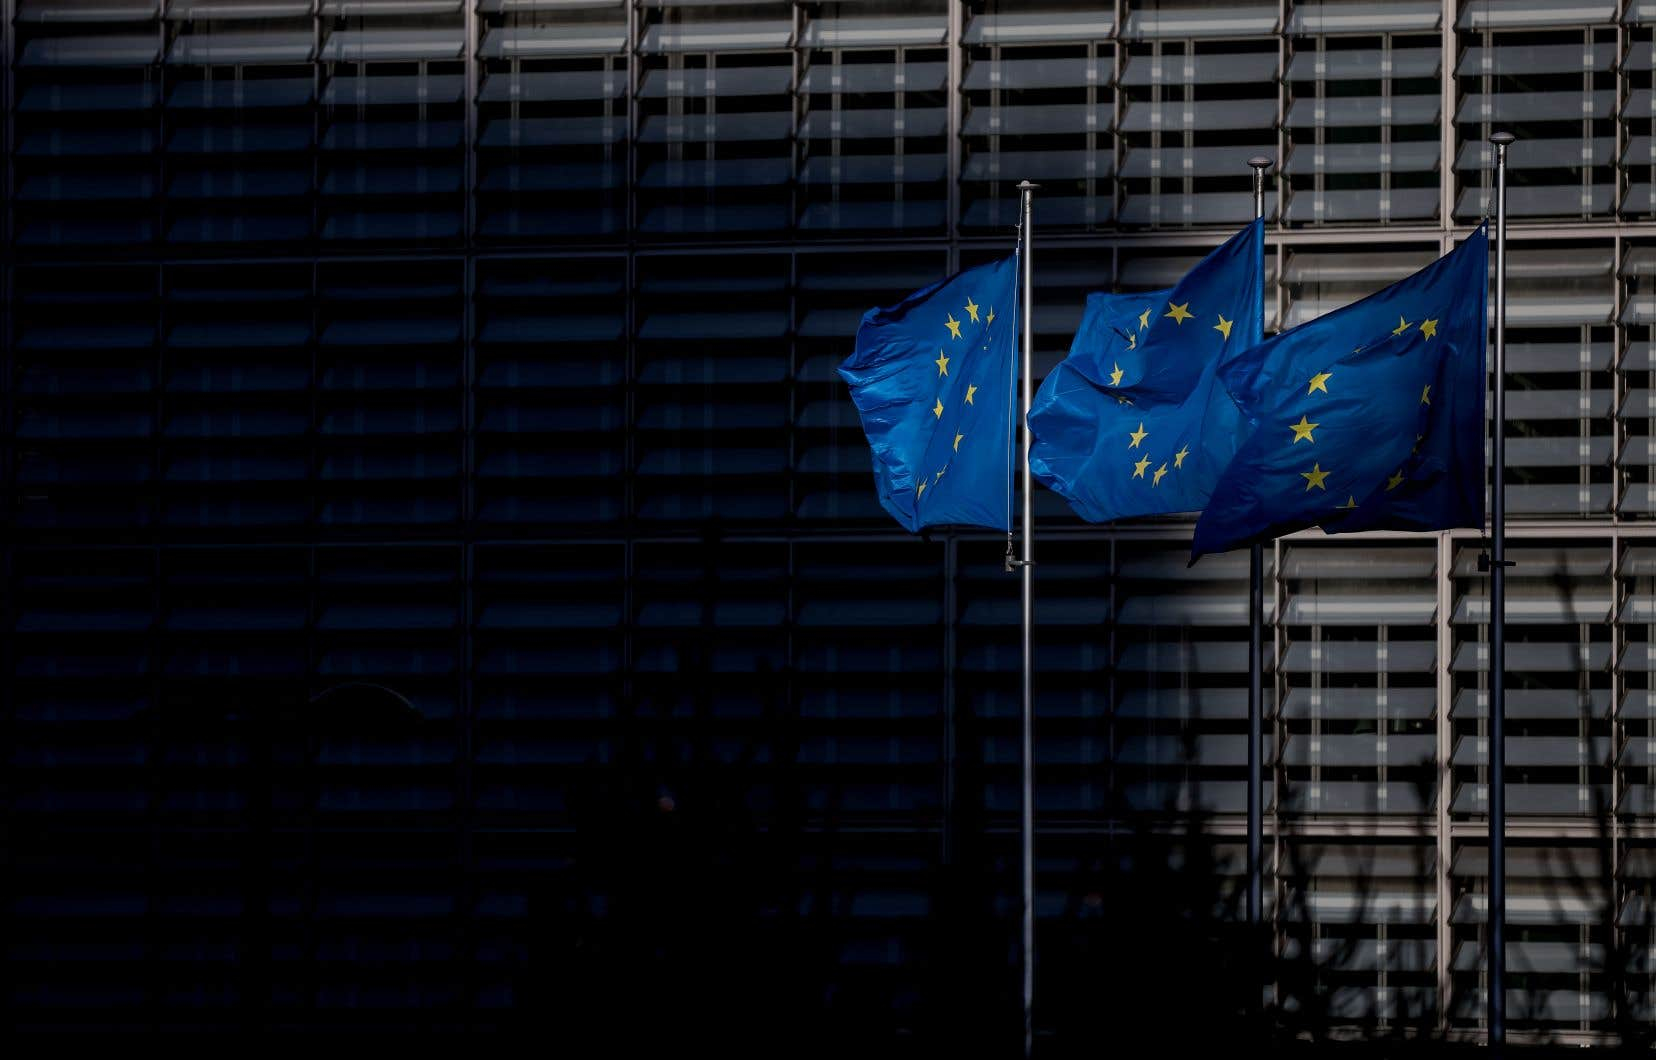 «Un important rééquilibrage entre les langues dans l'Union européenne serait bienvenu après ce Brexit», estime l'auteur.